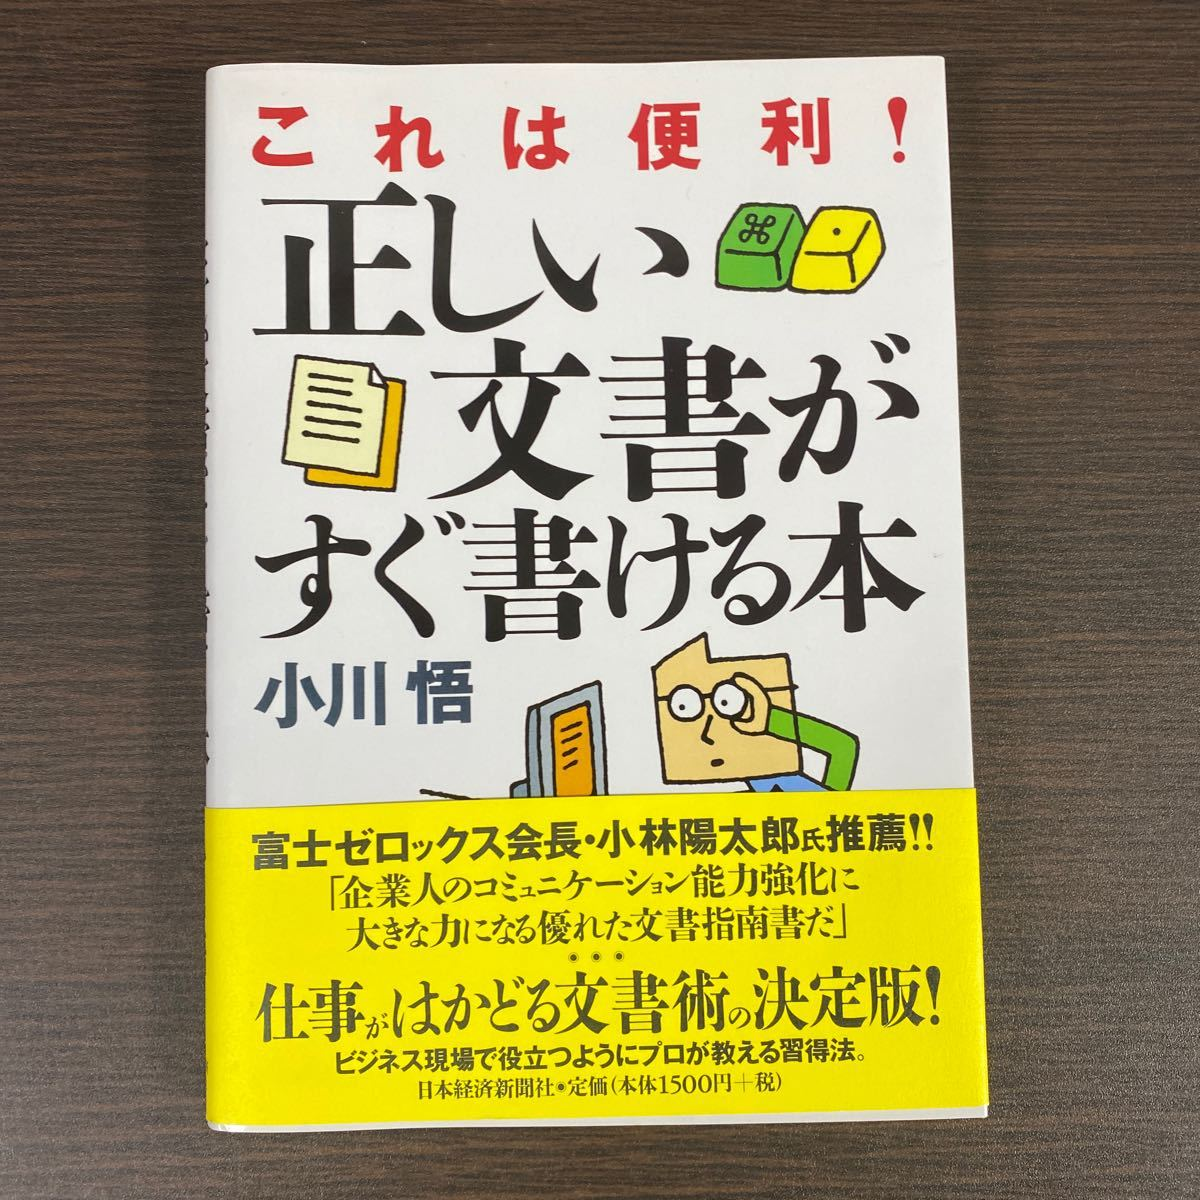 これは便利!正しい文書がすぐ書ける本   /日本経済新聞出版社/小川悟 中古